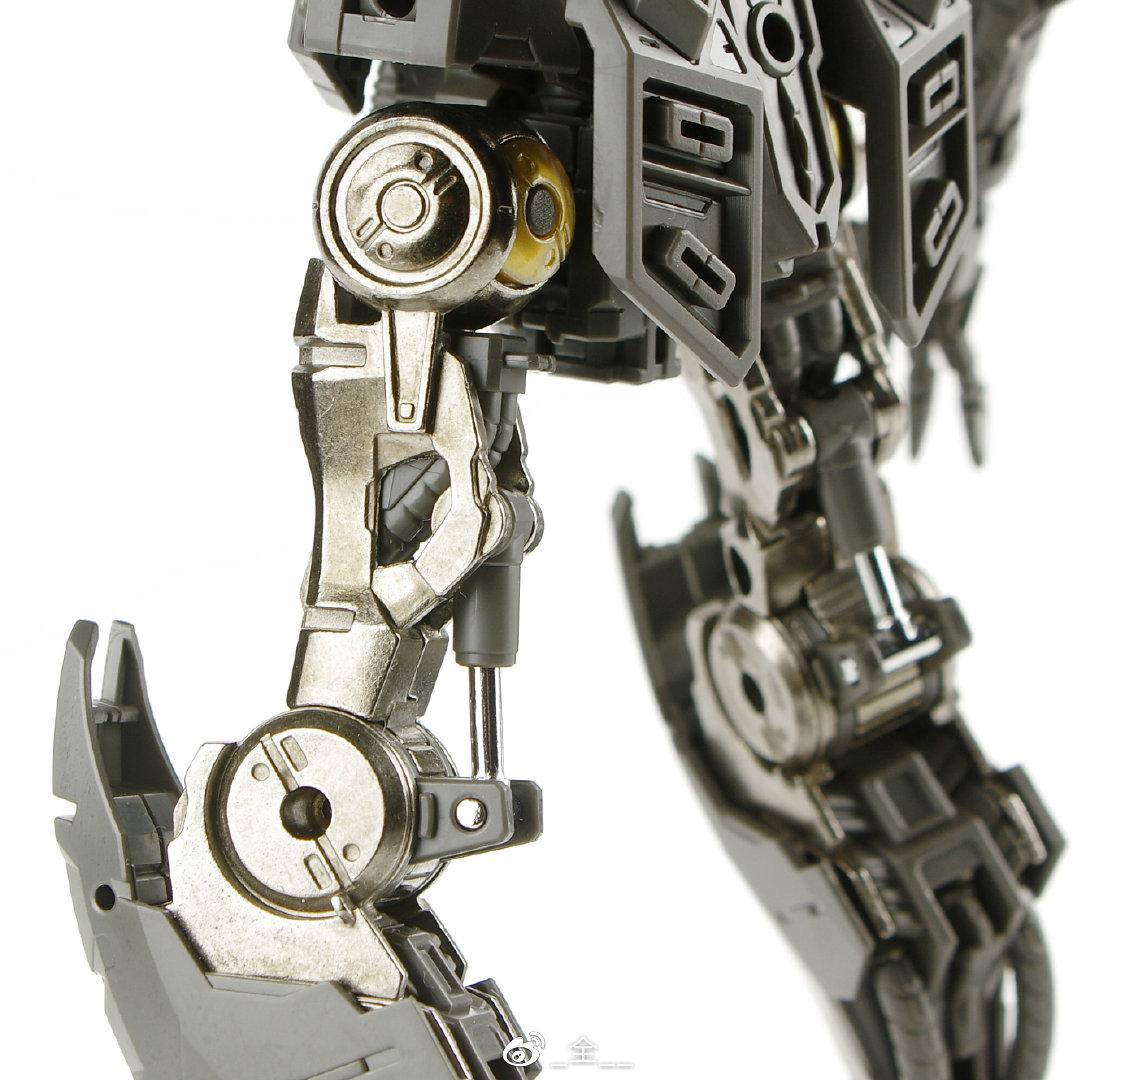 M103_mg_barbatos_metal_frame_parts_set_009_035.jpg